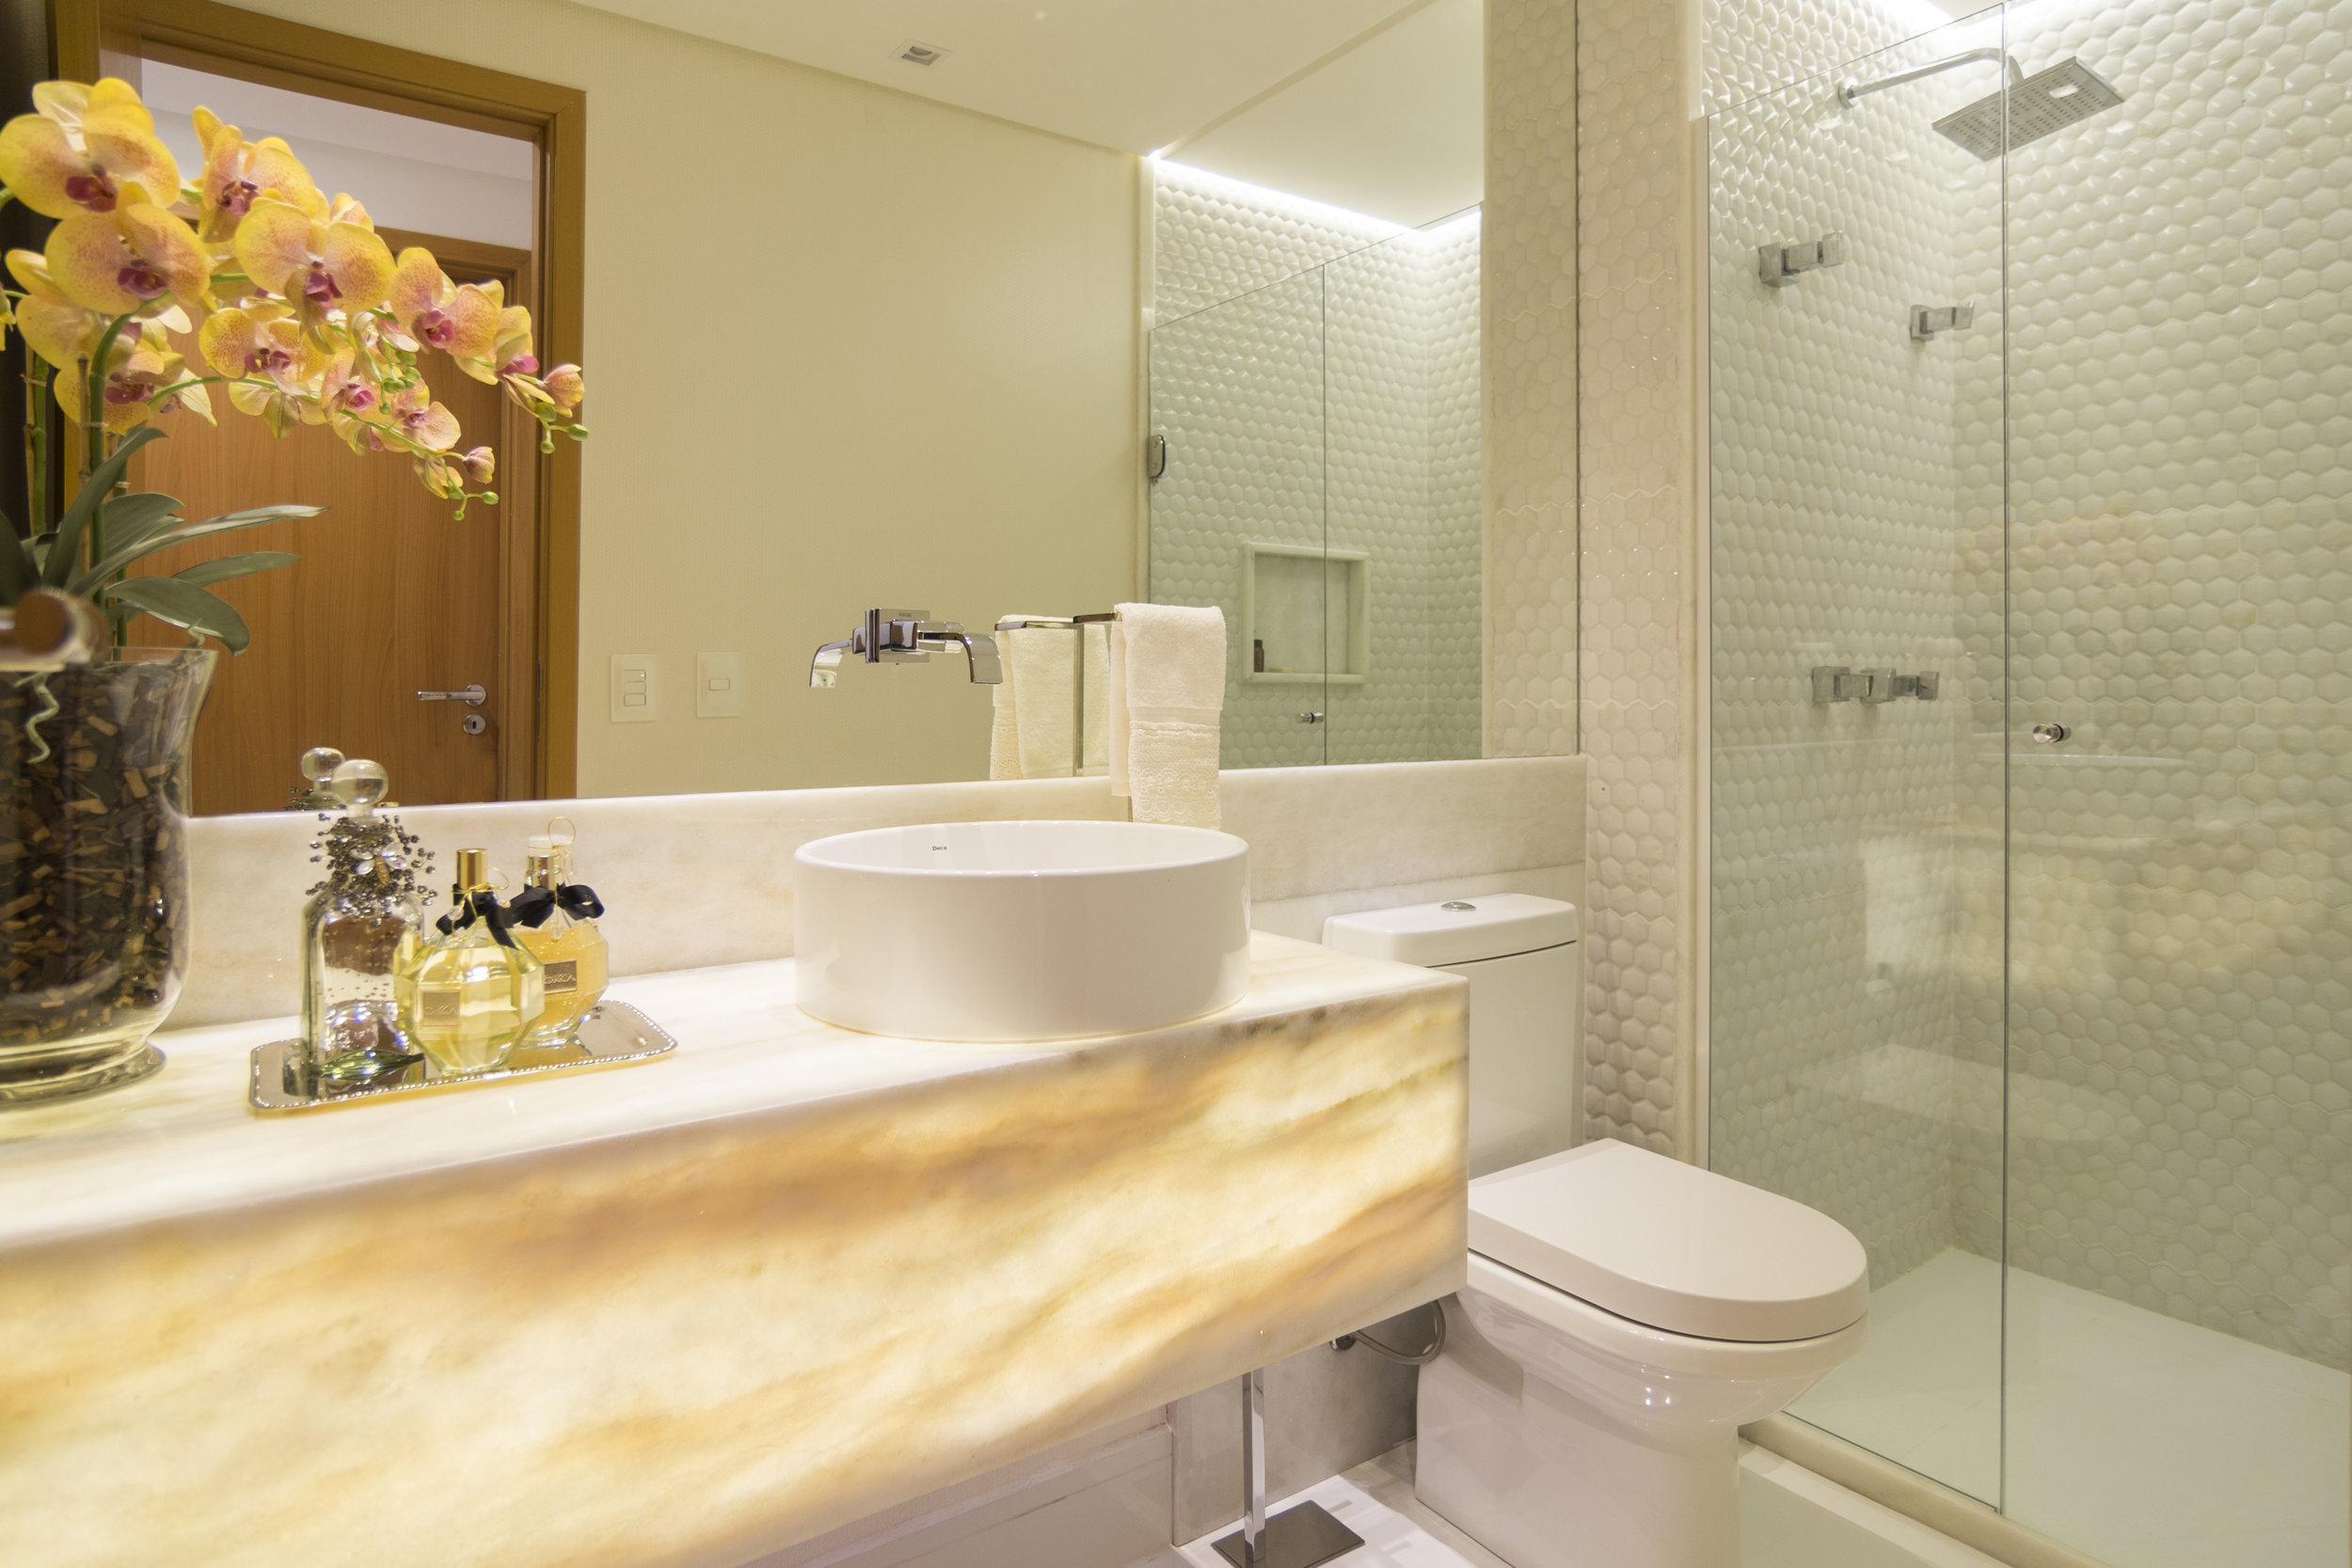 projeto-arquitetonico-robertoindira-duo-arquitetura-apartamentos-02.jpg